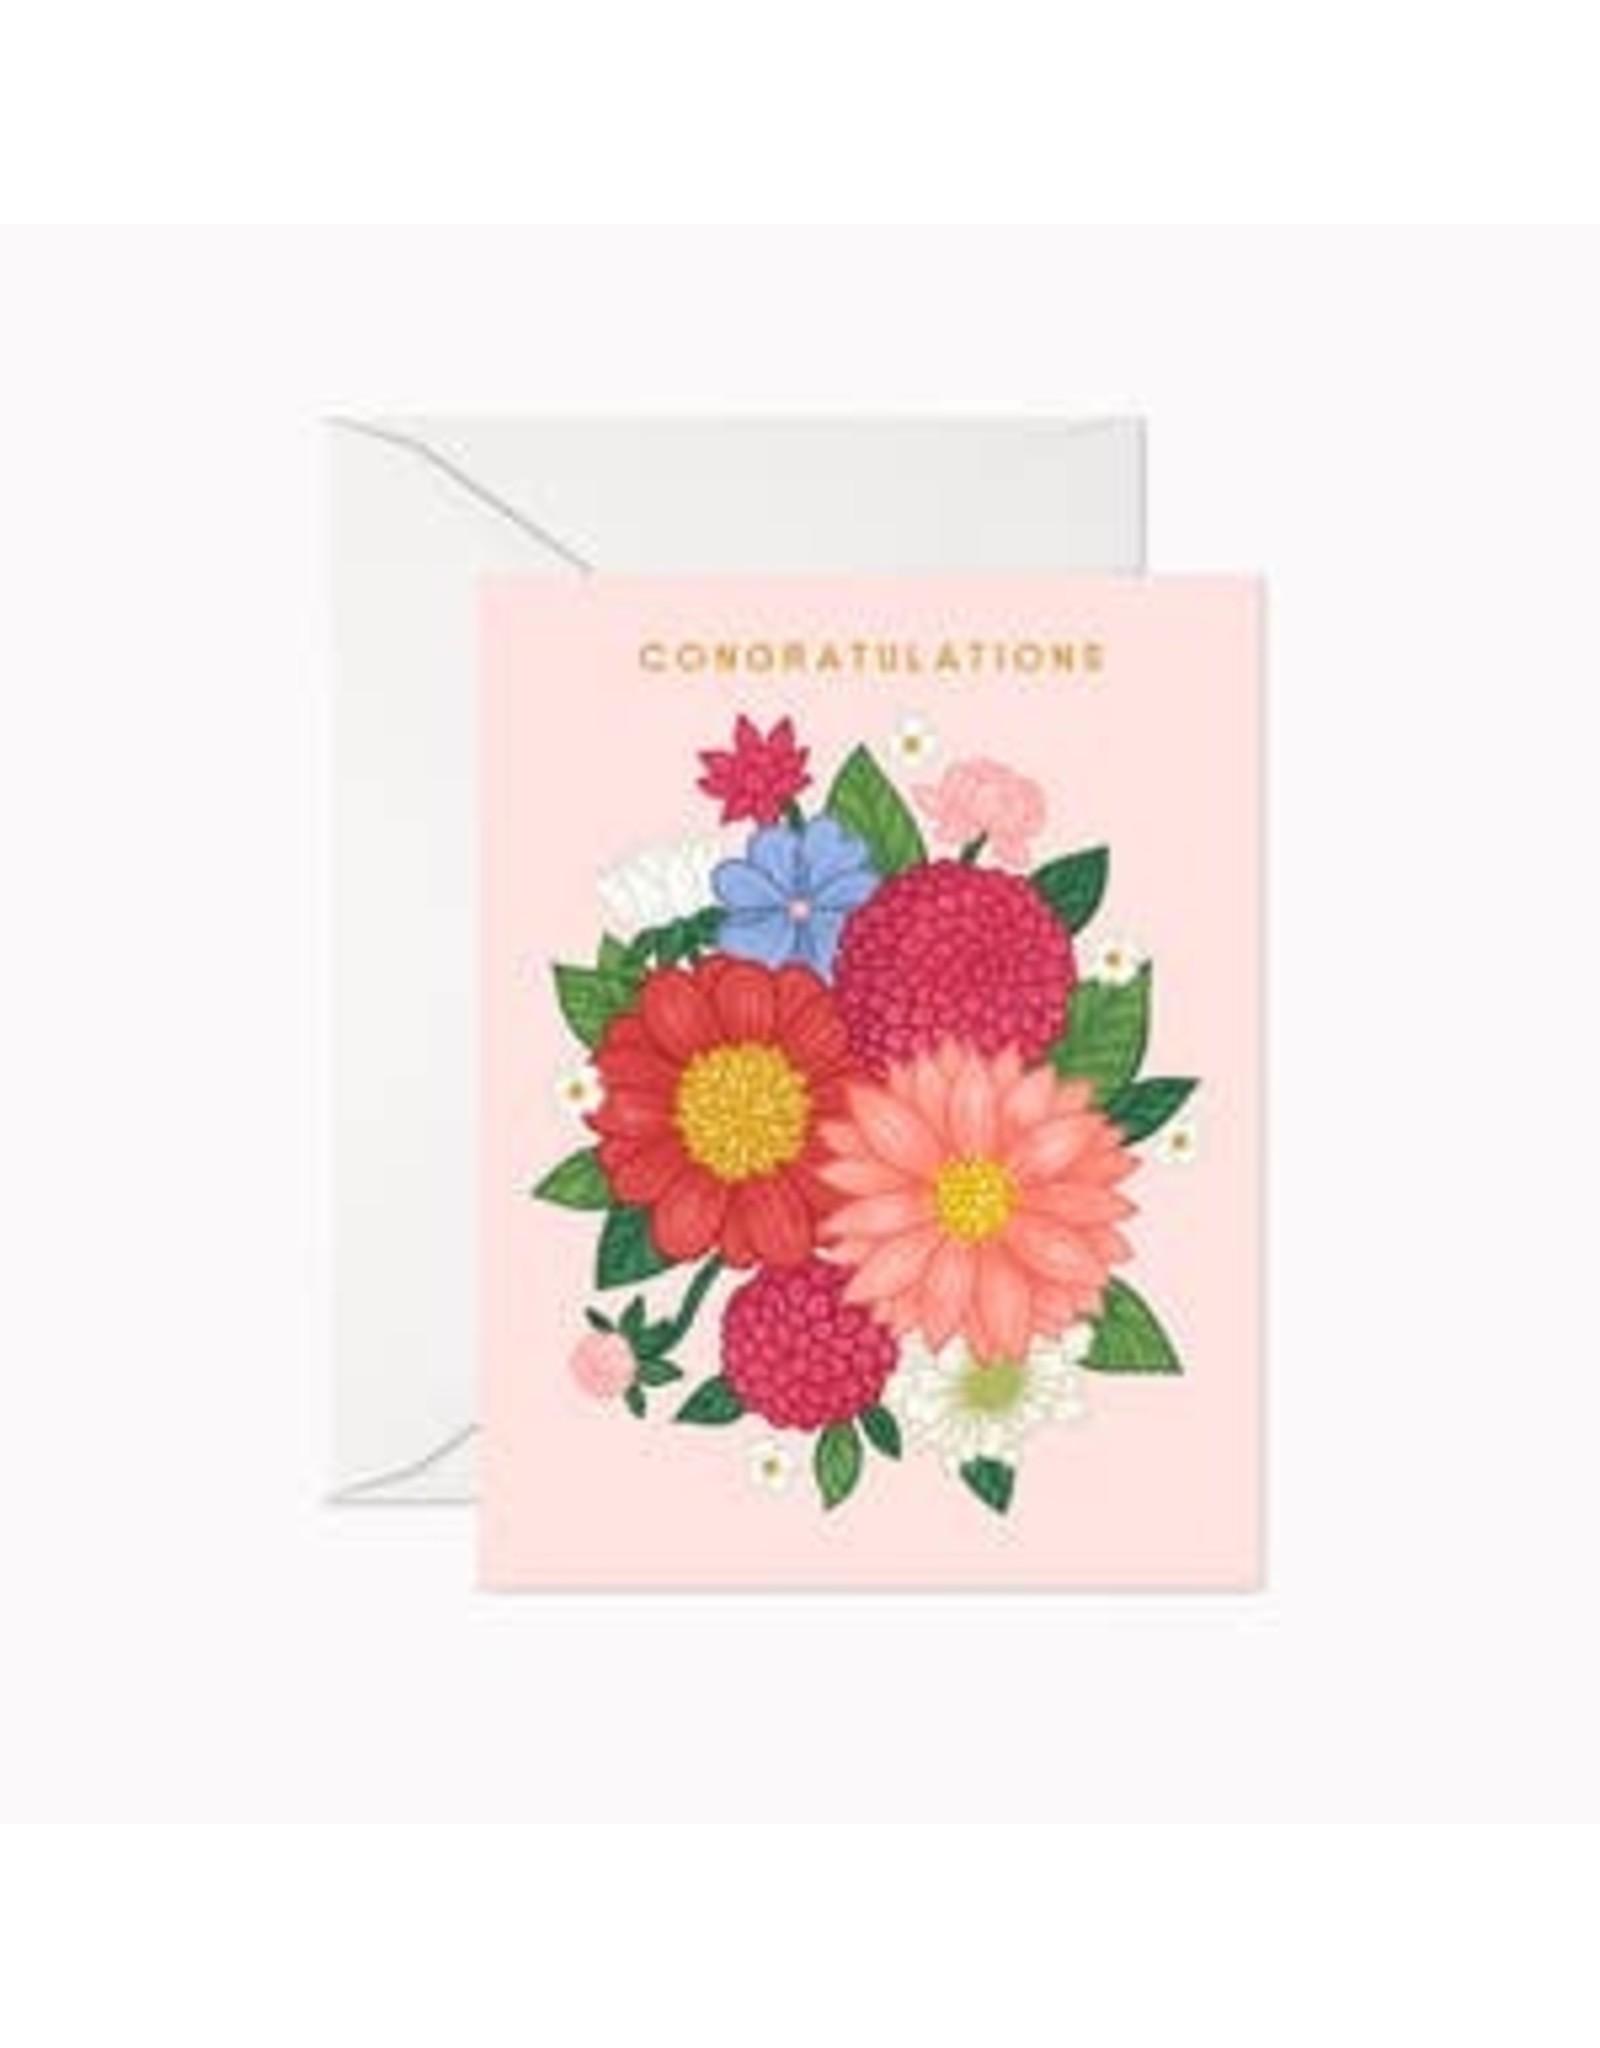 Linden Paper Co. Congratulations Bouquet Card